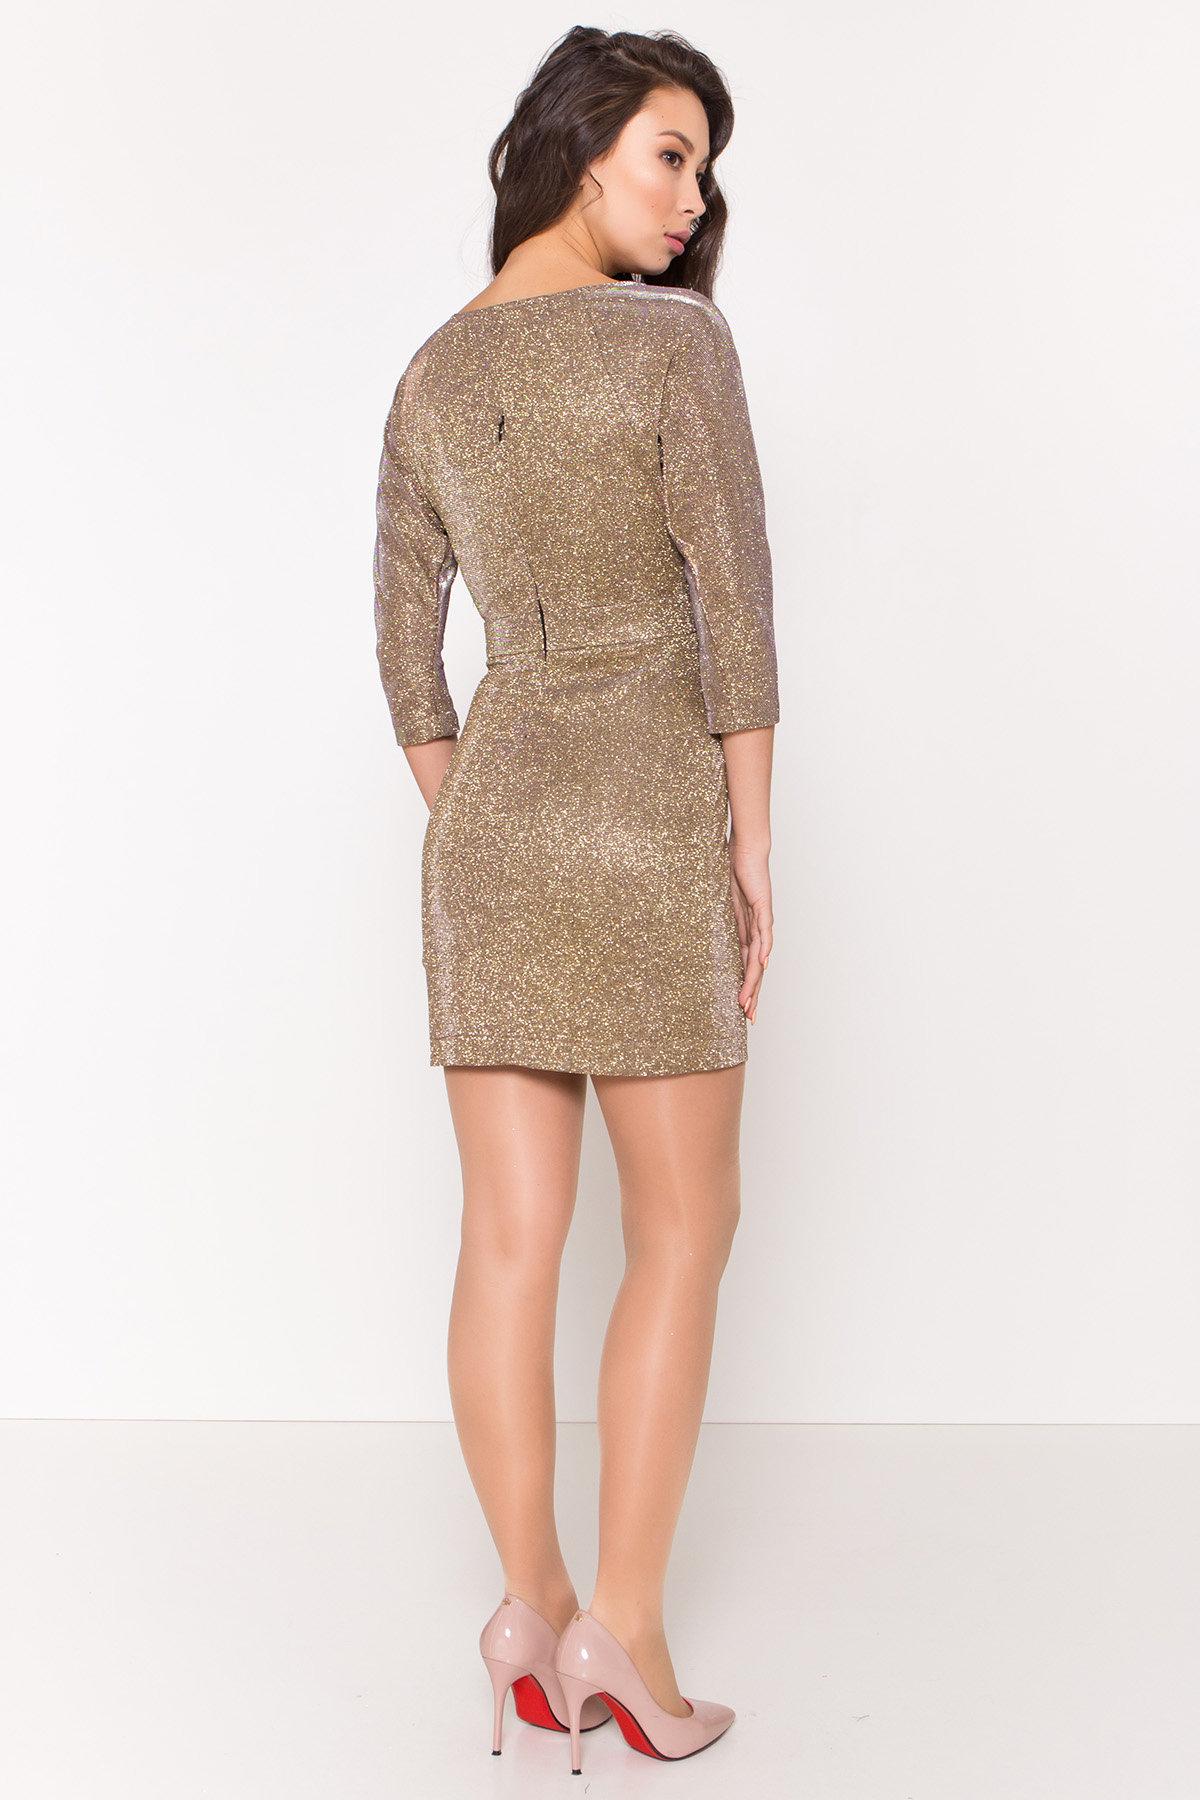 Платье-хамелеон из трикотажа с люрексом Инглот 8428 АРТ. 44863 Цвет: Золото/серебро - фото 4, интернет магазин tm-modus.ru